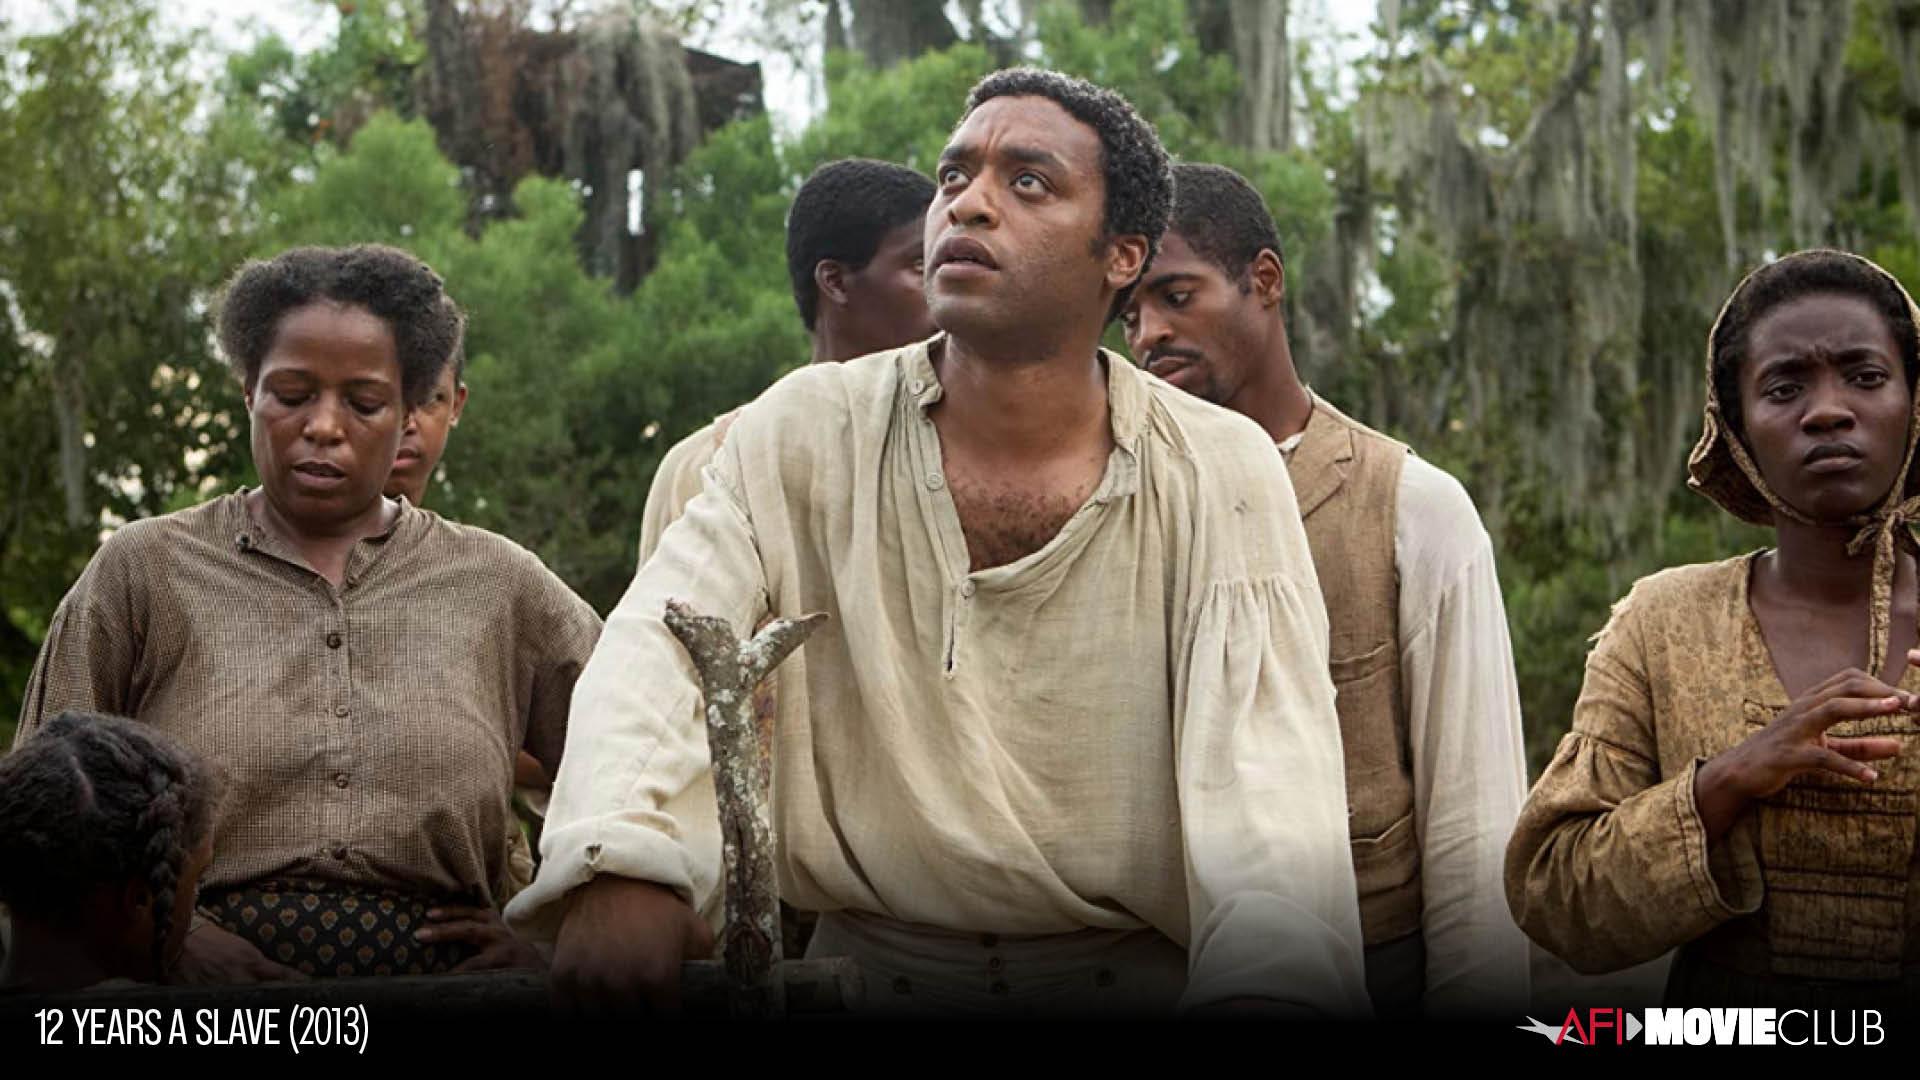 Afi Movie Club 12 Years A Slave American Film Institute